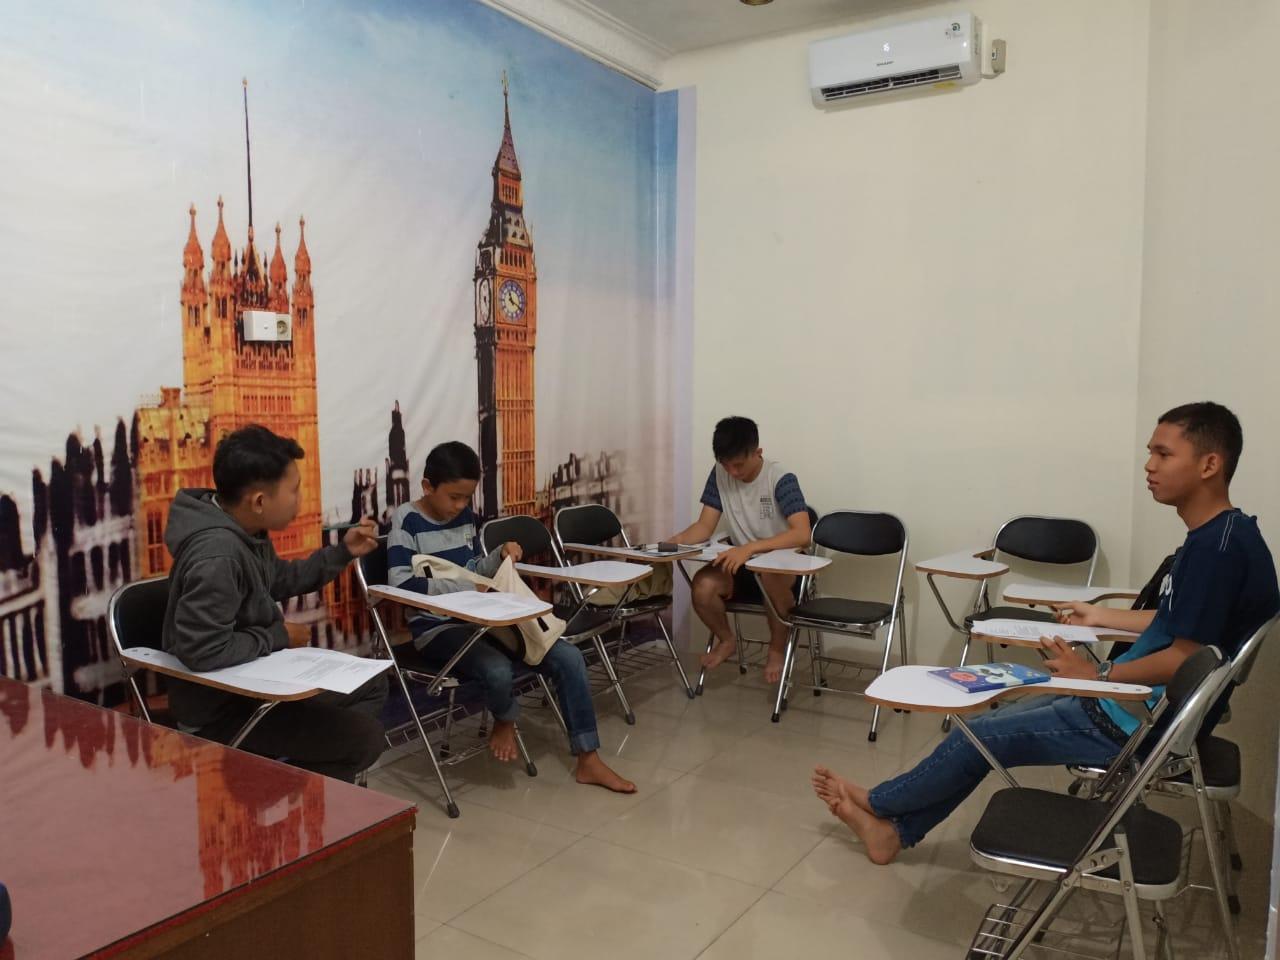 Kursus bahasa inggris anak batam, kursus bahasa inggris pelajar batam, les bahasa inggris anak batam, tempat les bahasa inggris anak batam